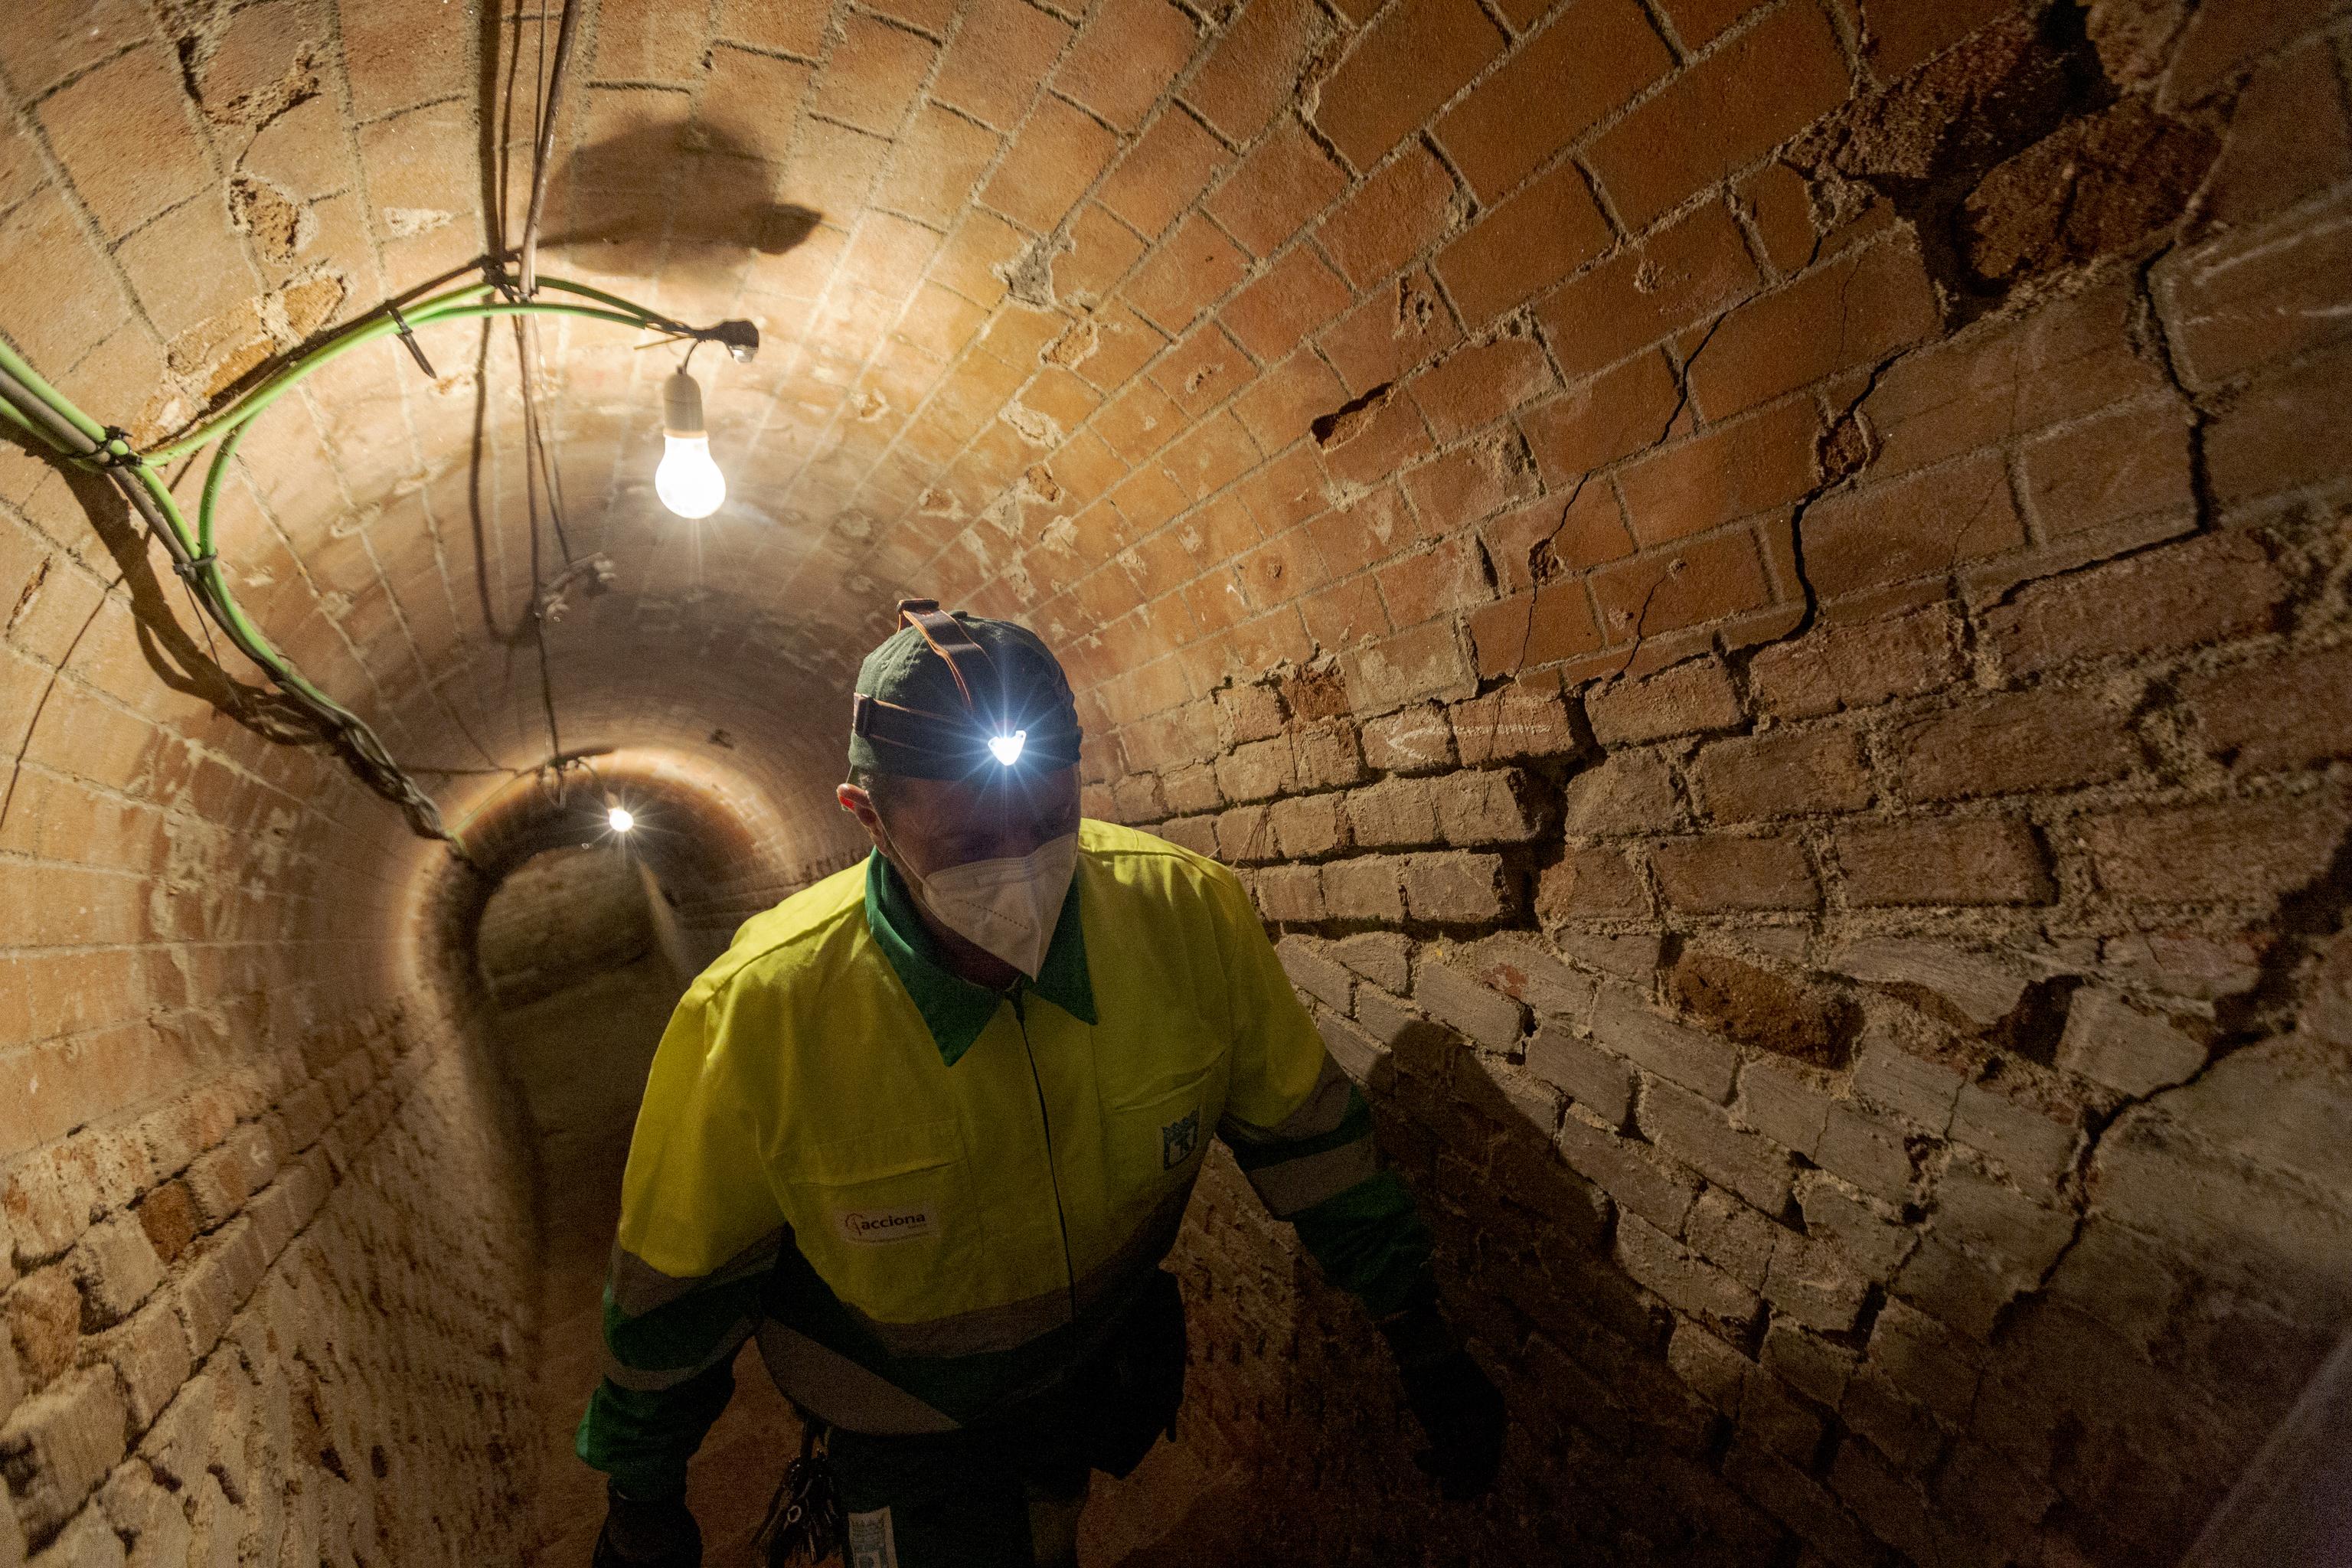 Tomás Prieto, operario en el refugio del Retiro, asciende hacia la salida del túnel.